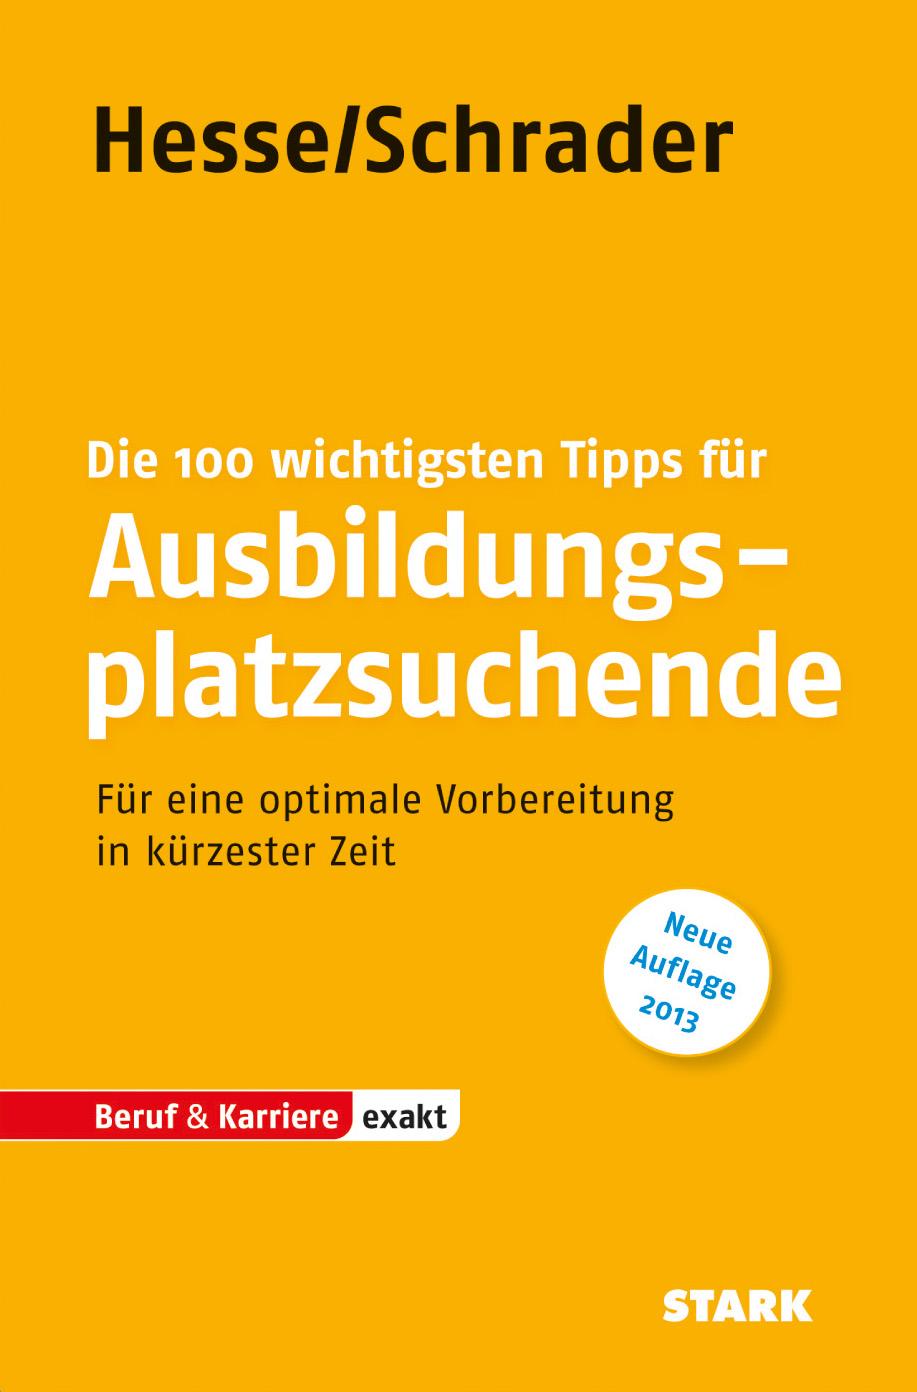 Bewerbung Beruf & Karriere / Die 100 wichtigste...